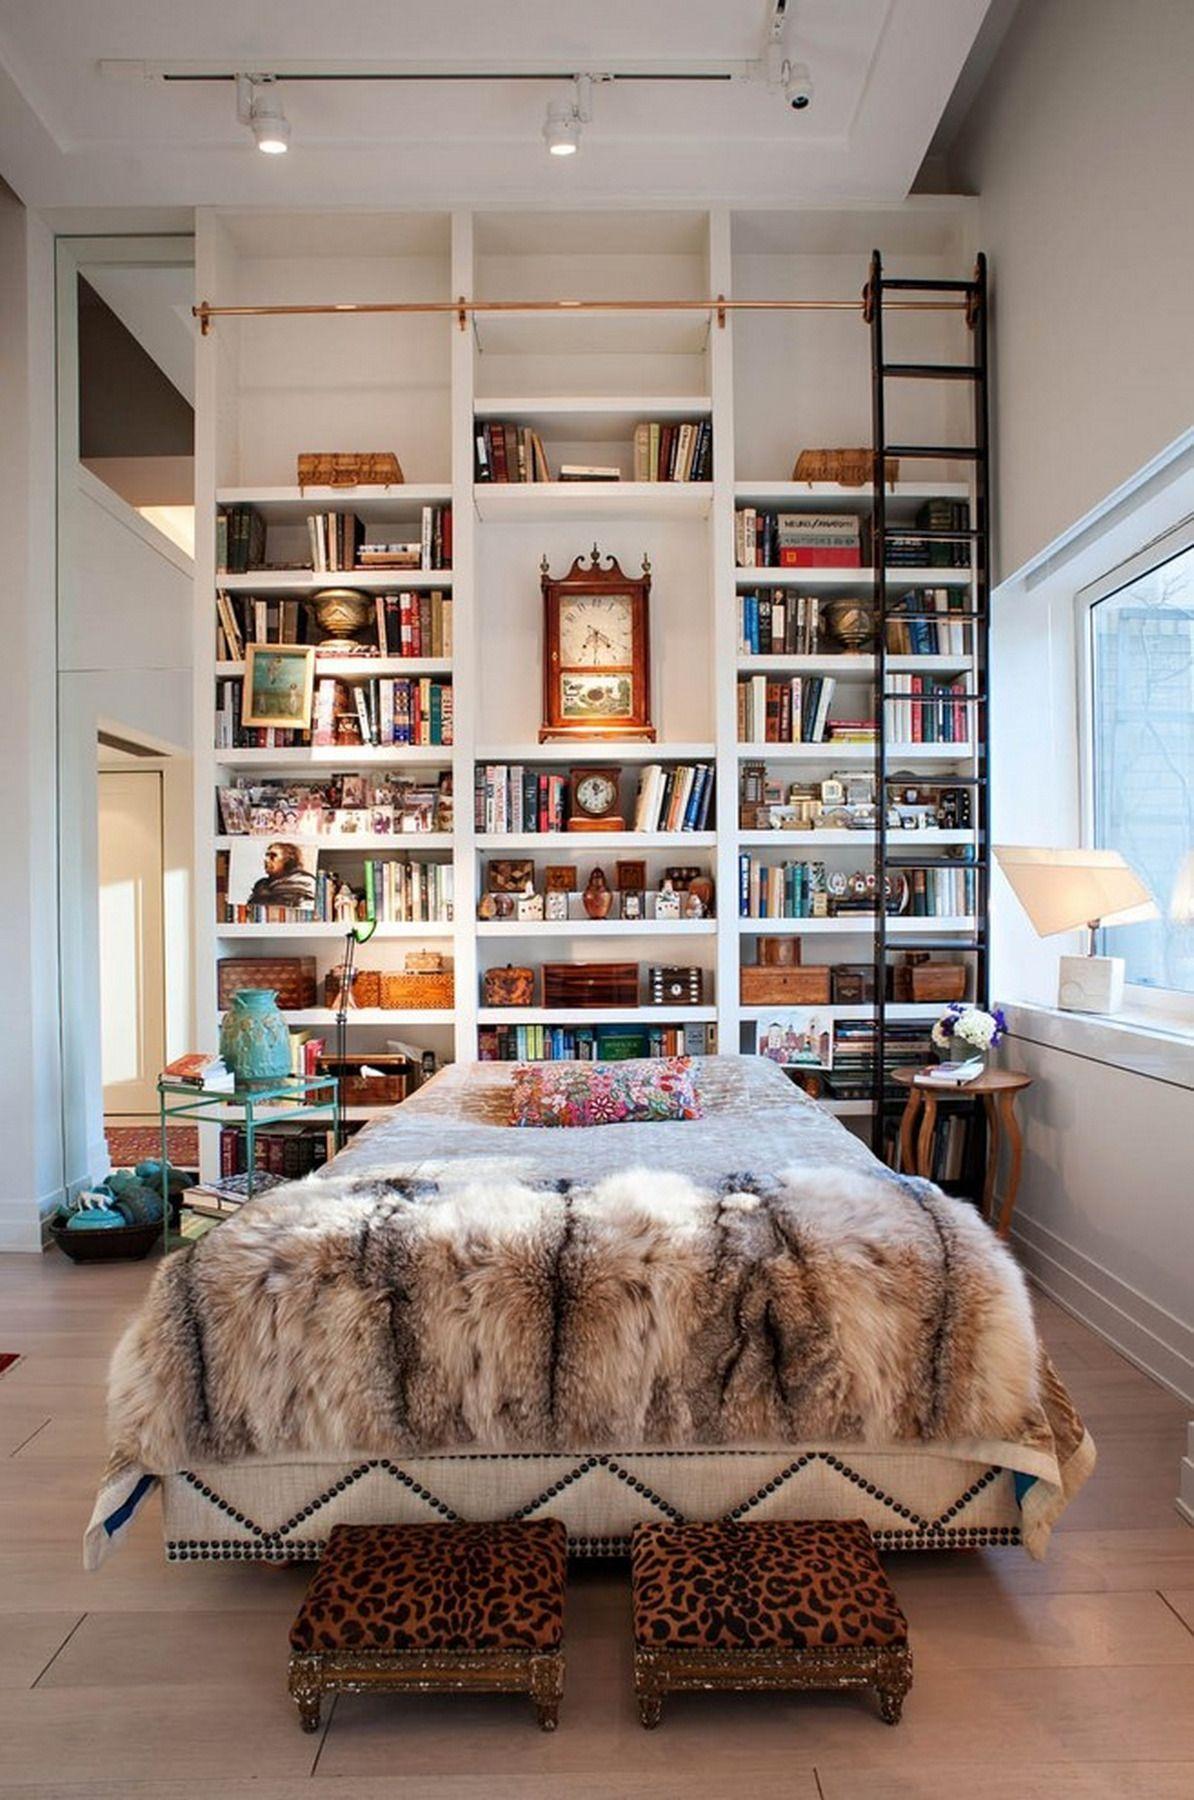 Schlafzimmer mit Schiebeleiter und hohen Bücherregalen